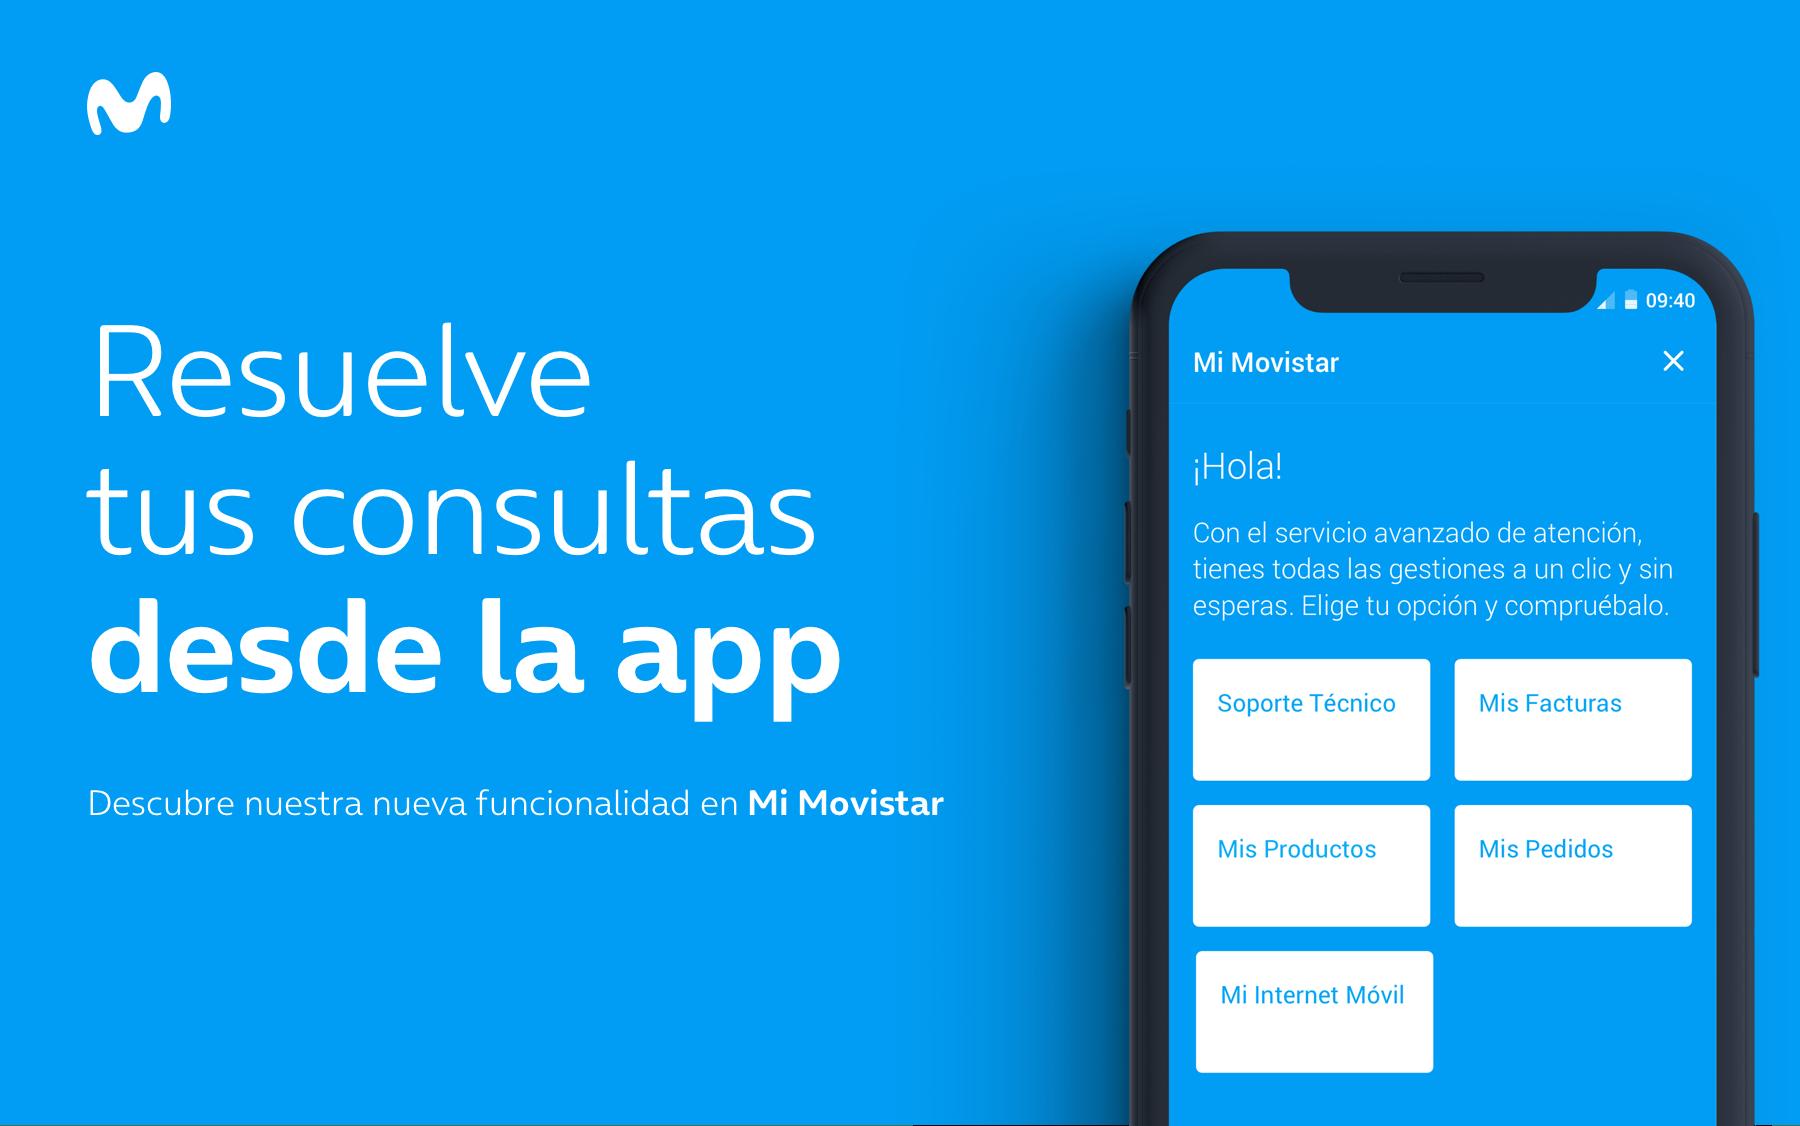 Visual IVR, la solución digital del call center: comienza tu consulta llamando al 1004/1002 y resuélvela desde la app Mi Movistar